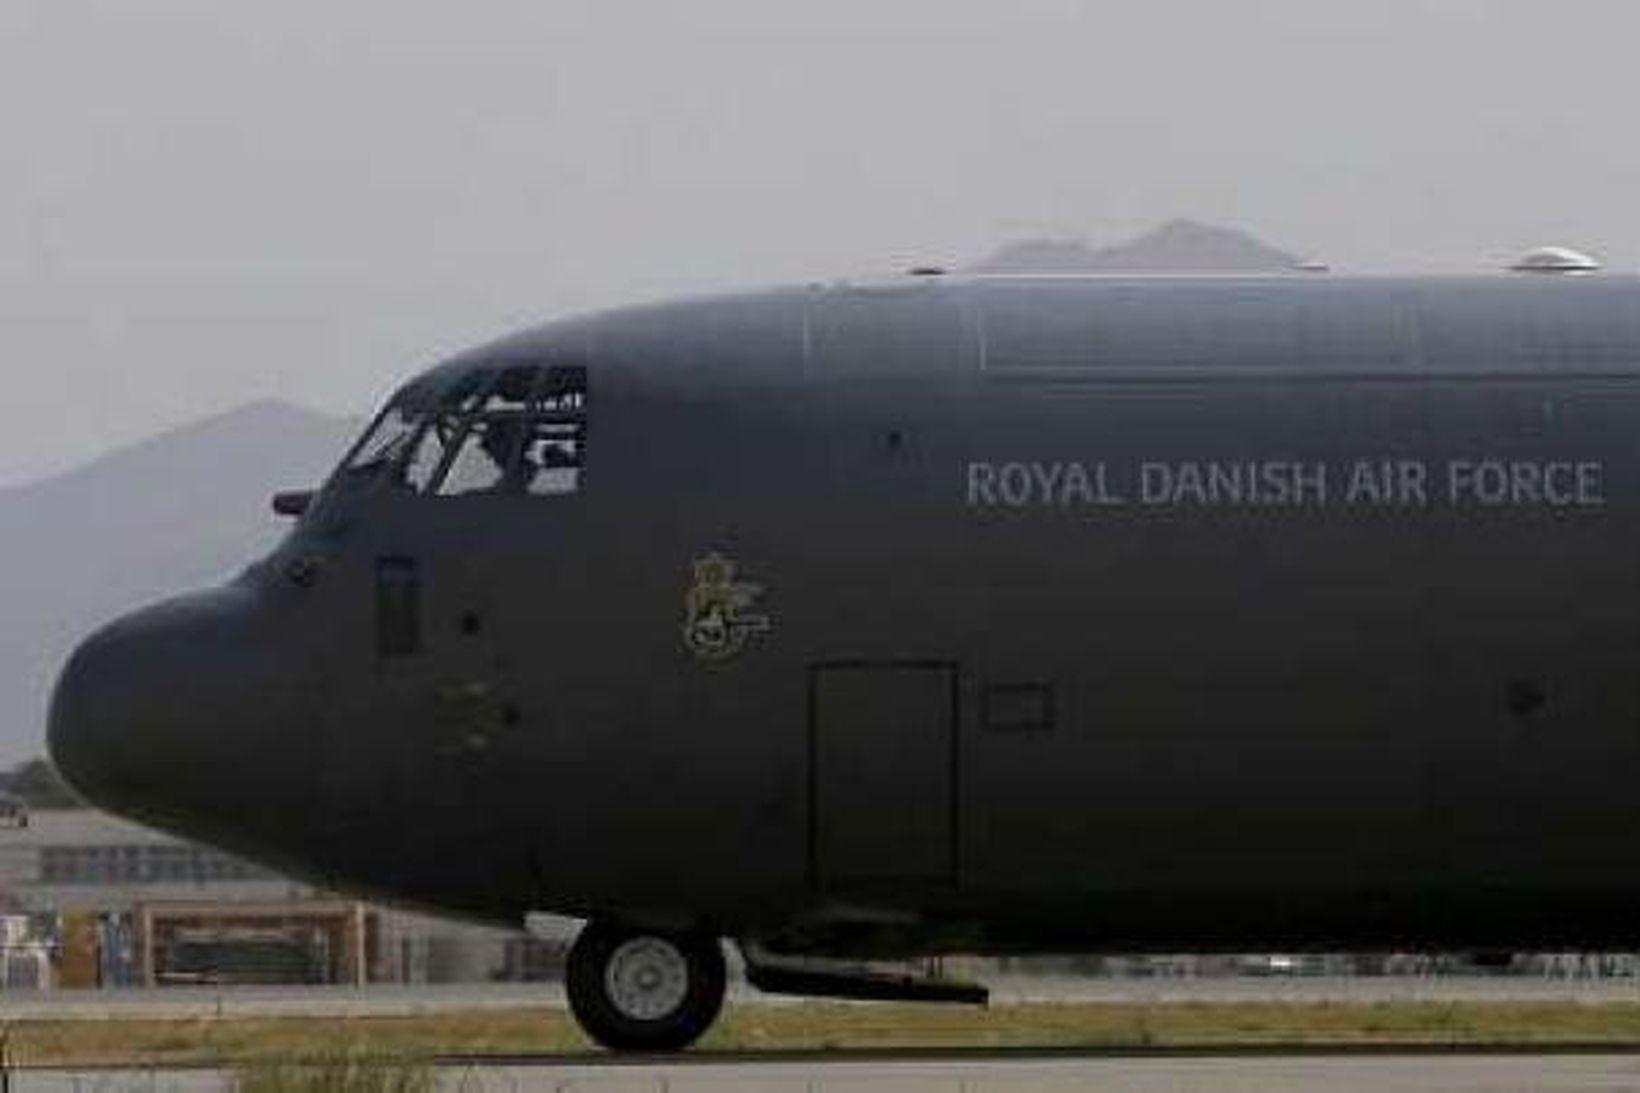 Lockheed smíðar meðal annars Herkúles herflutningavélarnar og orrustuþotur.